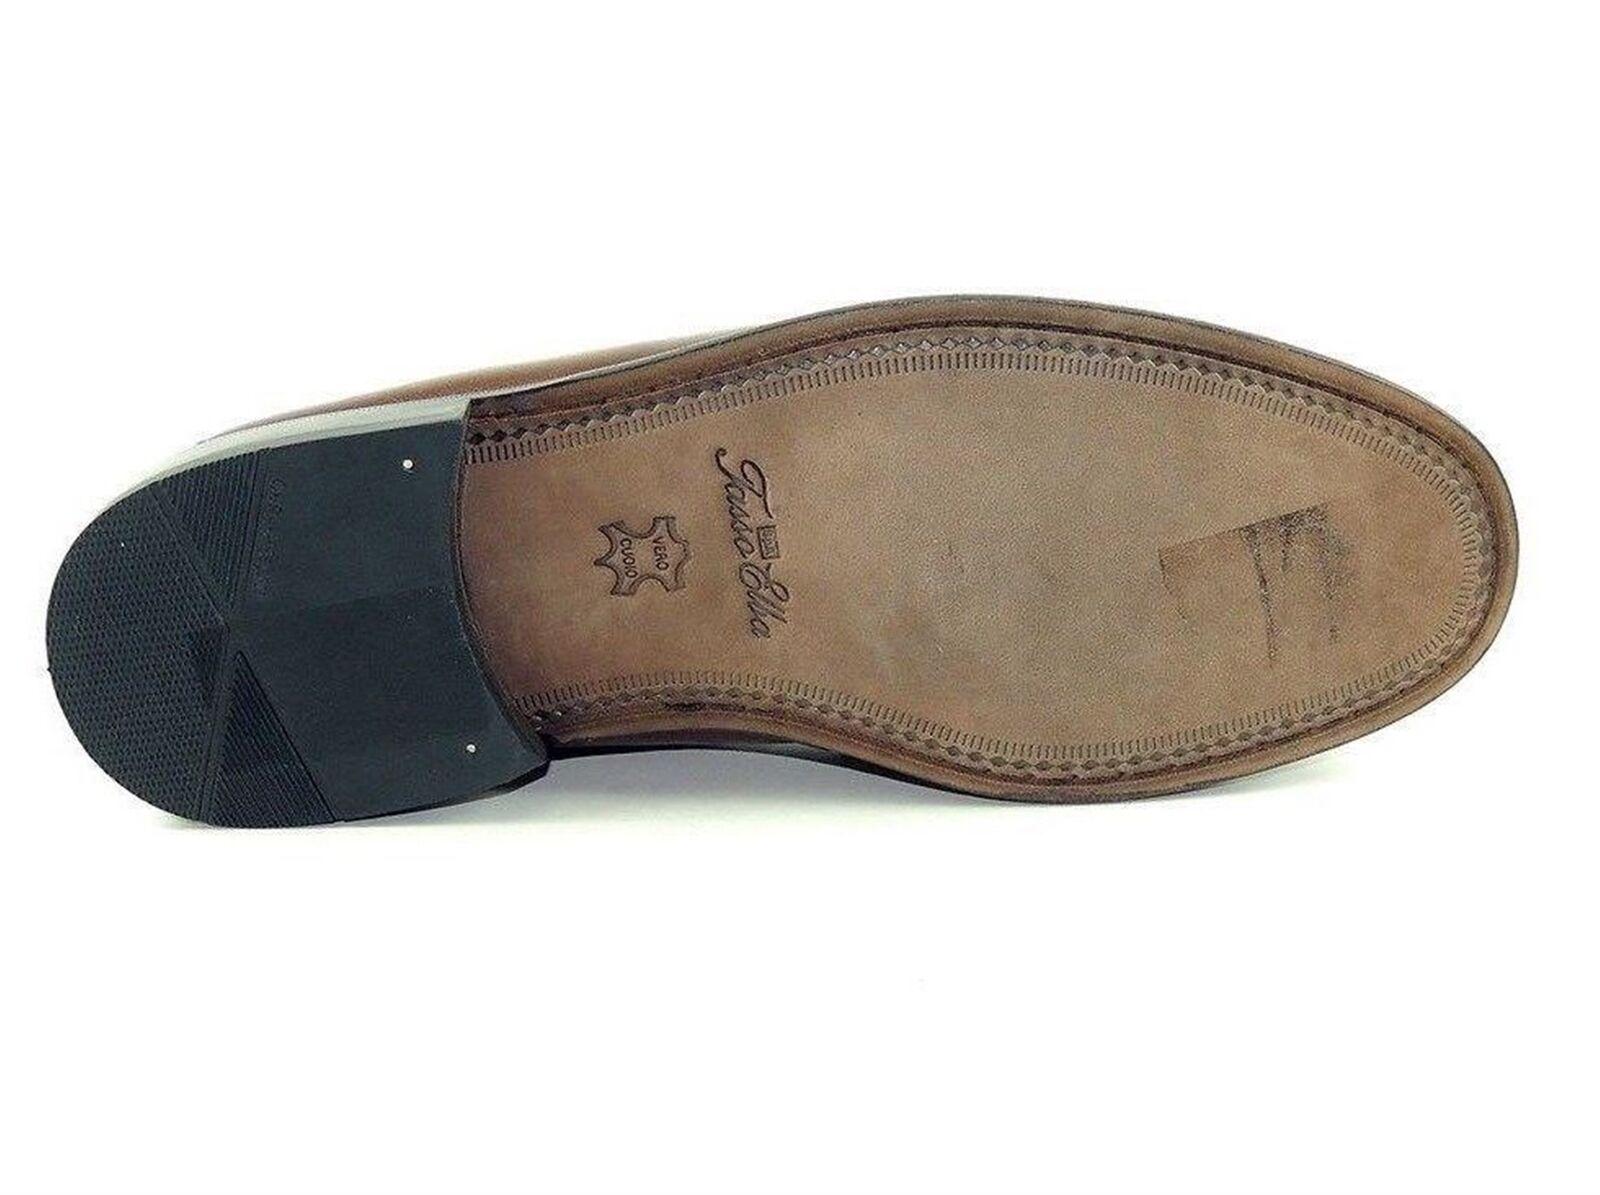 Tasso Elba Para Para Para hombres Zapatos Carter Slip-on Marrón Todo Cuero M 7e7f15